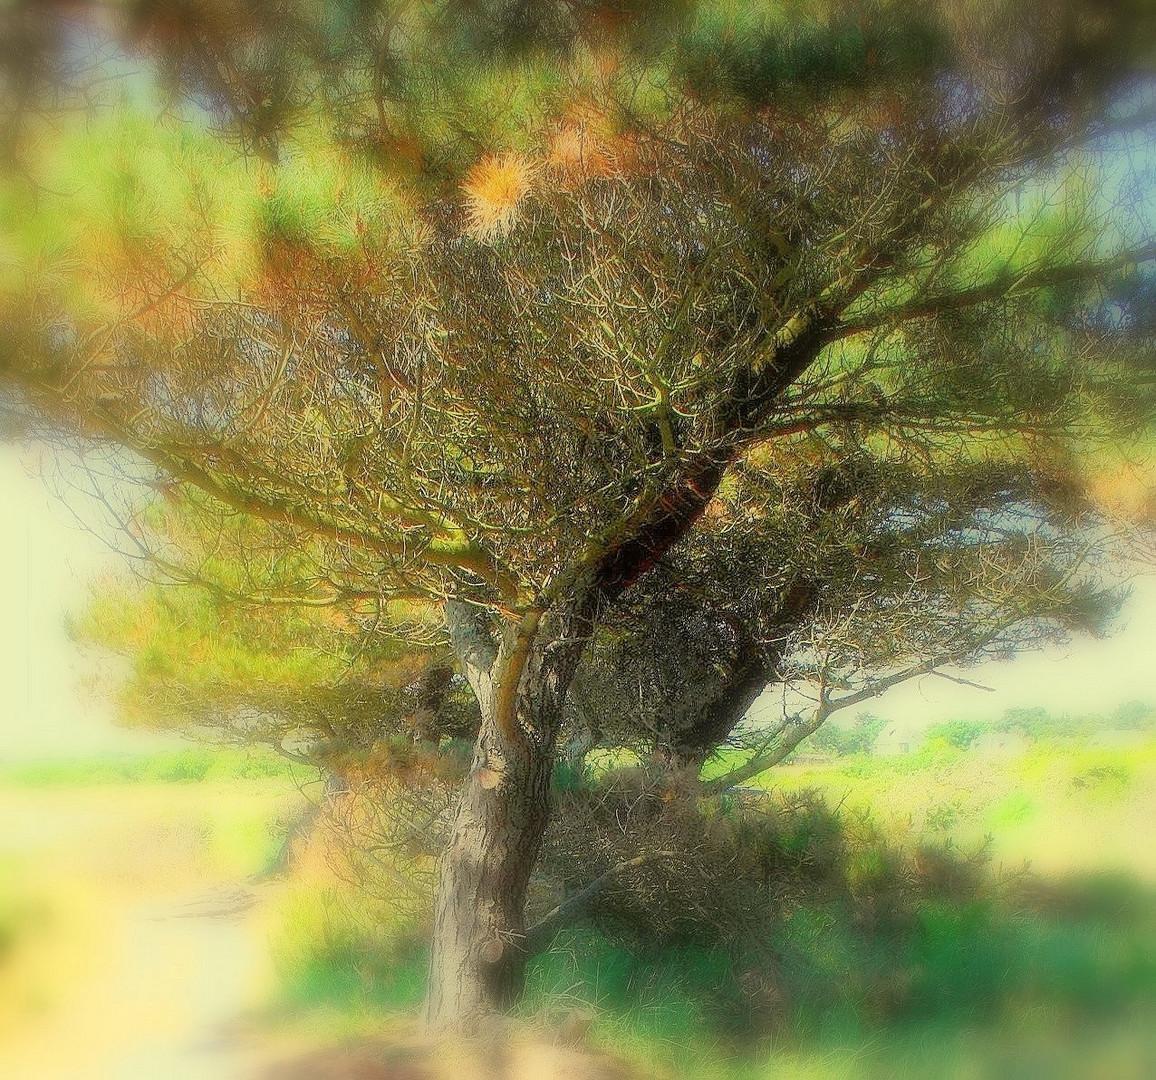 Peindre un arbre